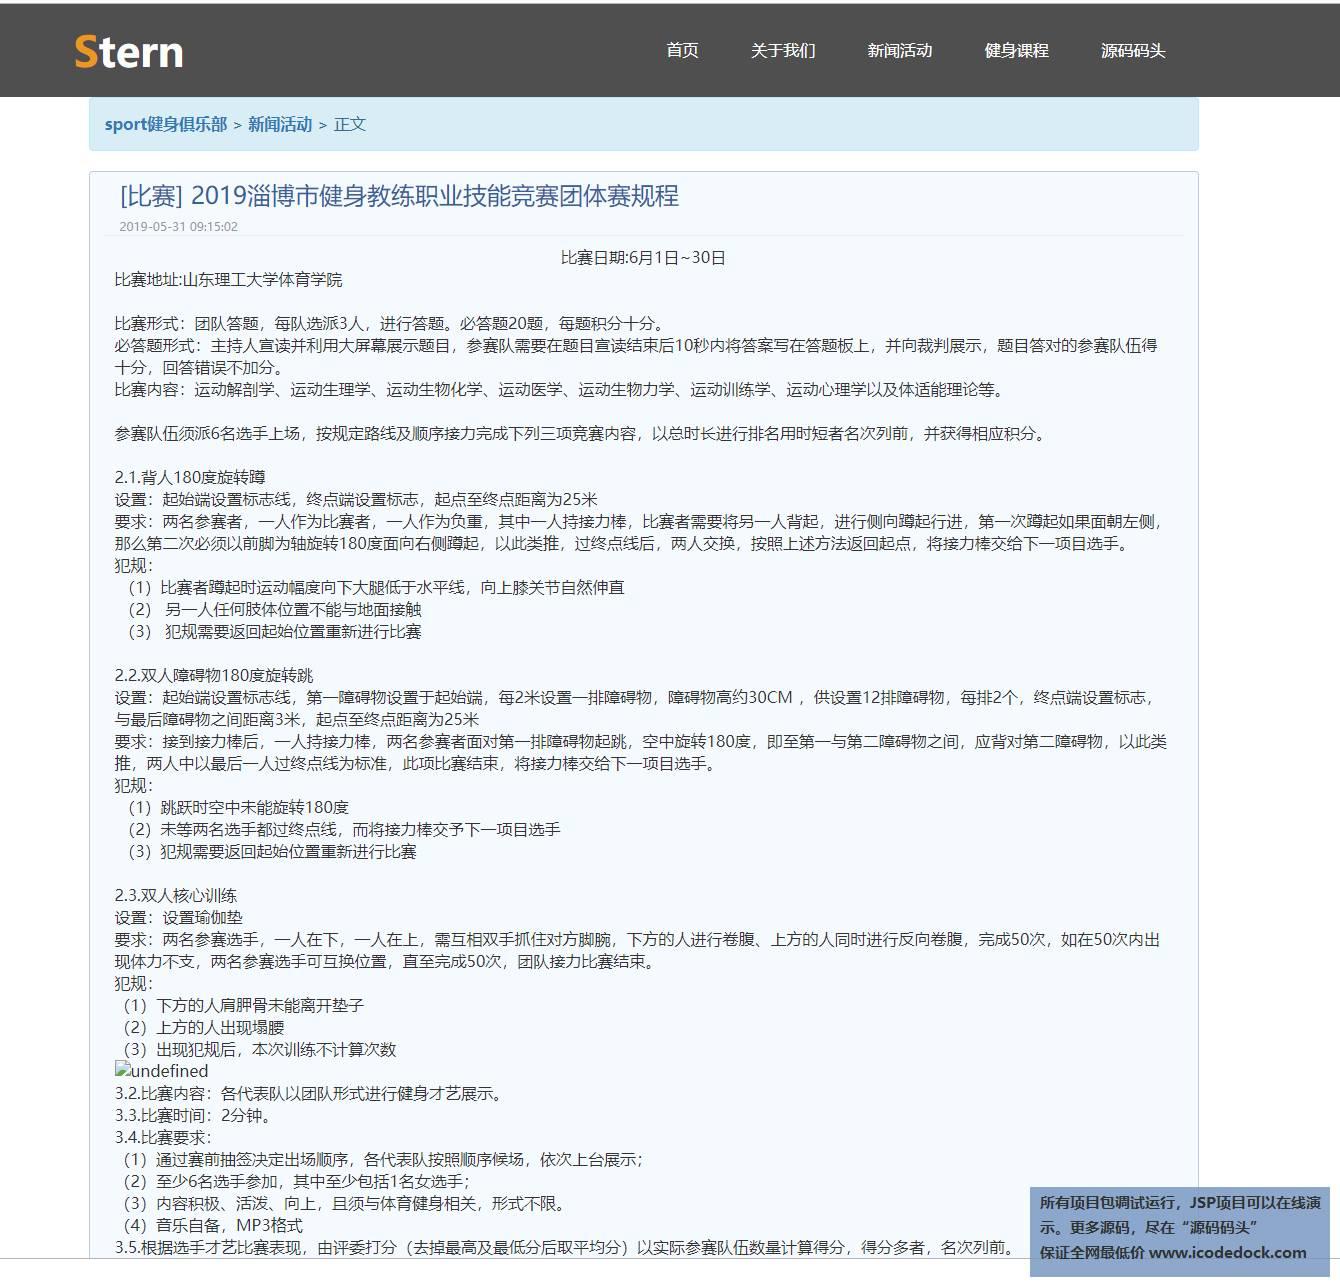 源码码头-SSM健身房俱乐部管理系统-用户角色-查看新闻活动